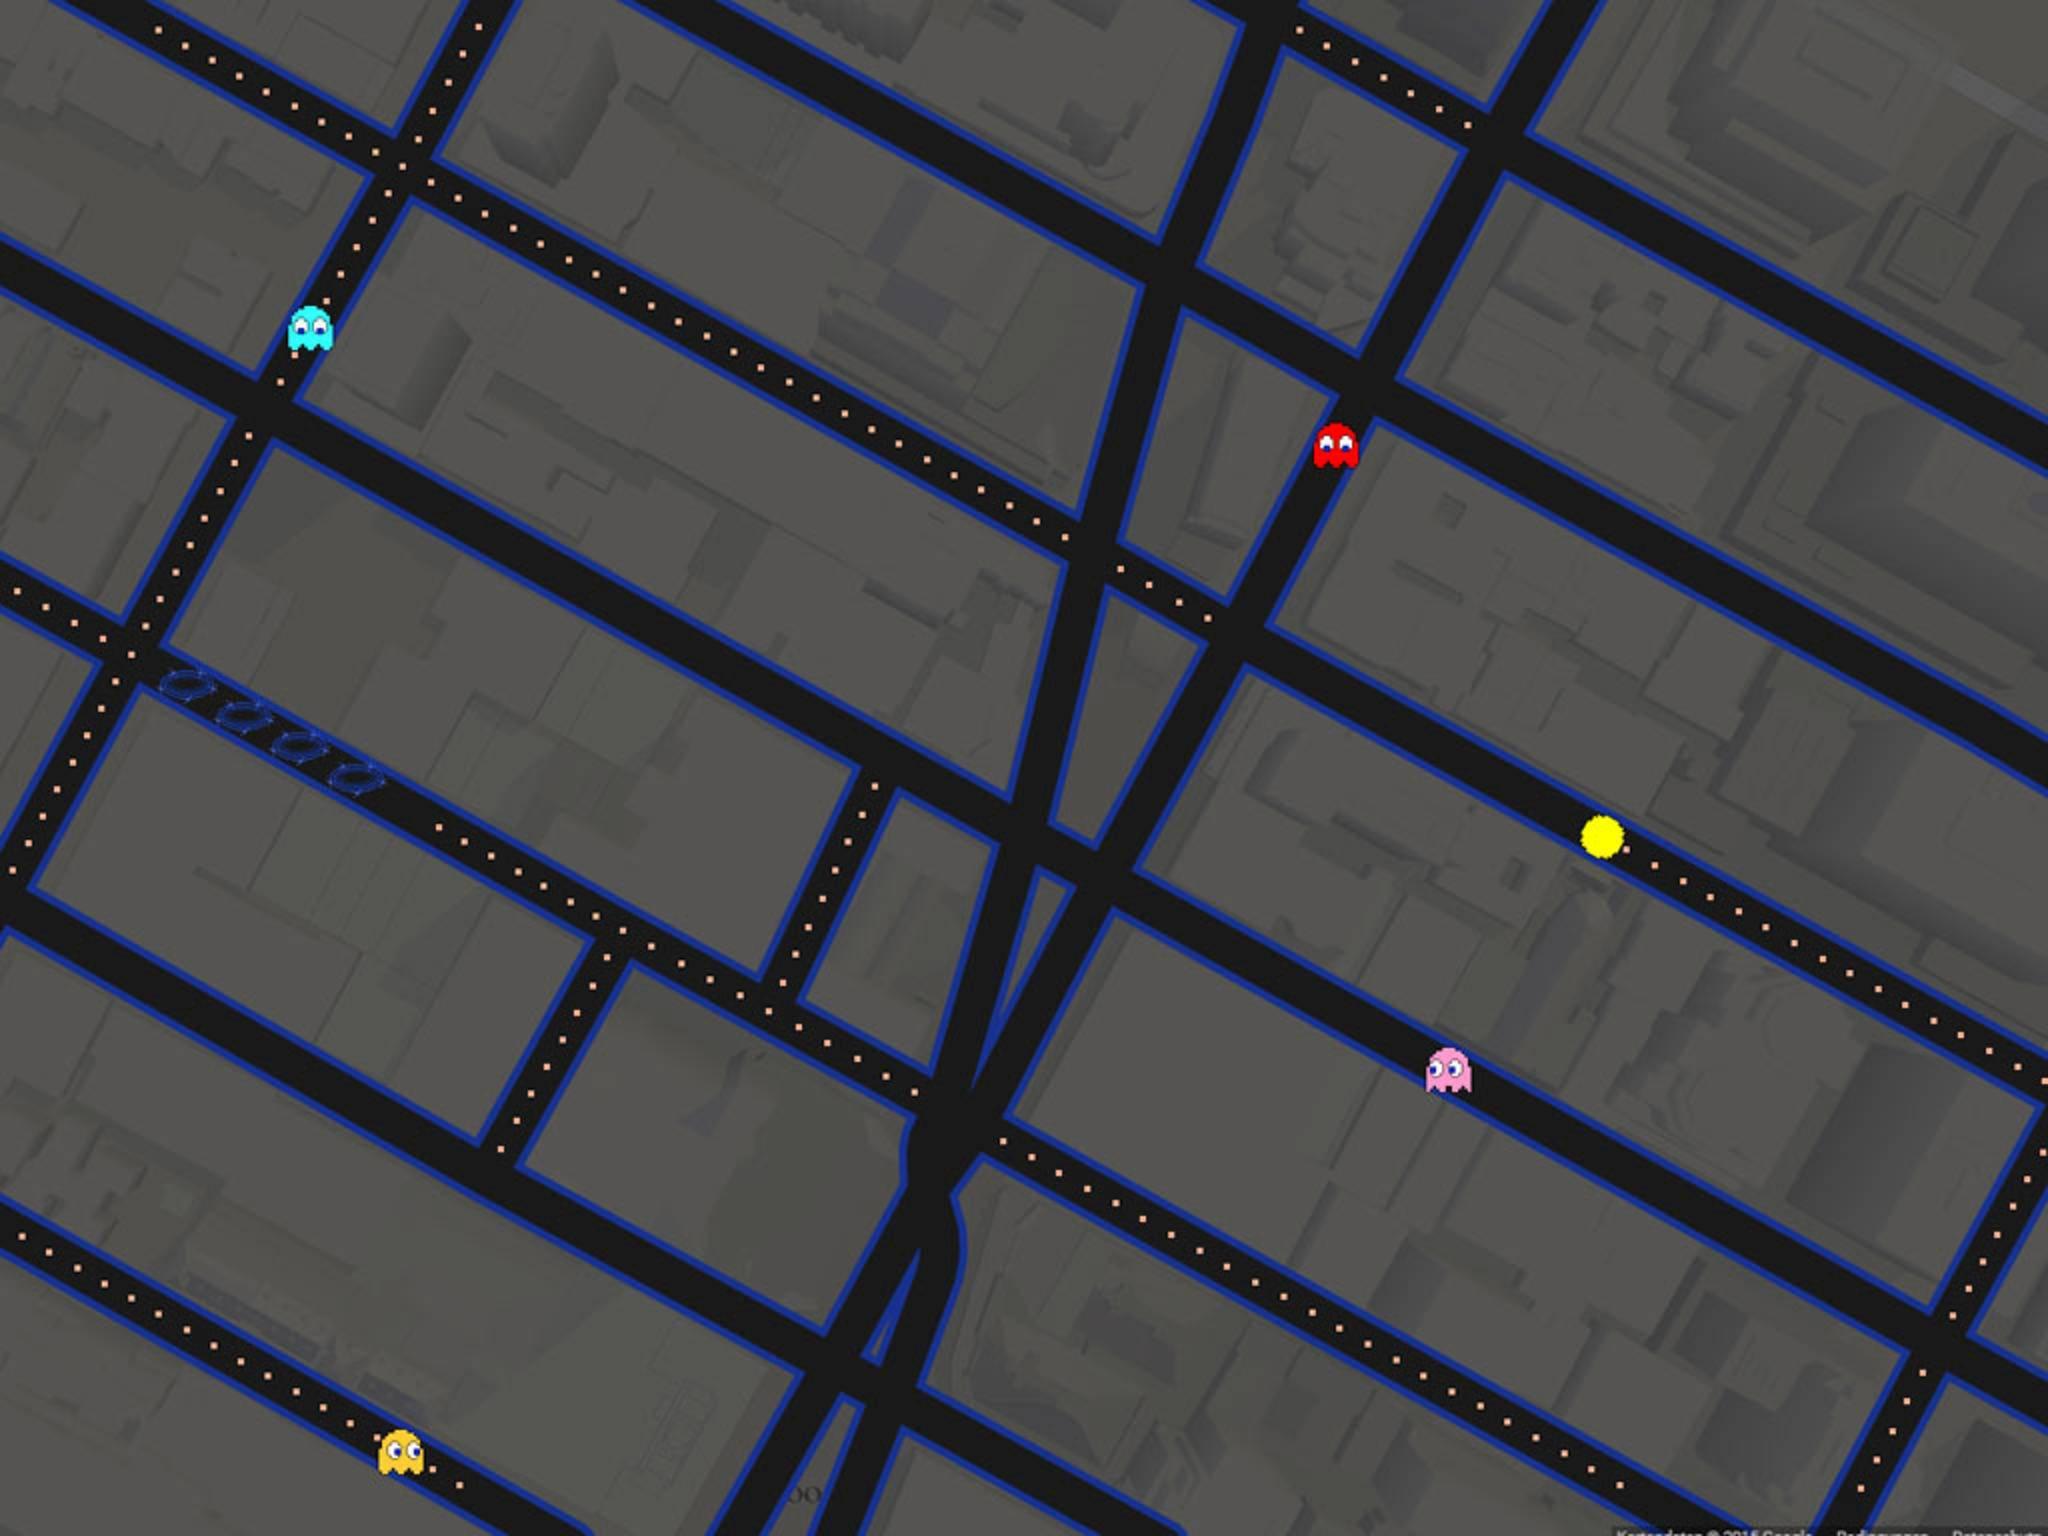 Der Klassiker Pac-Mann kann jetzt in Google Maps gespielt werden.